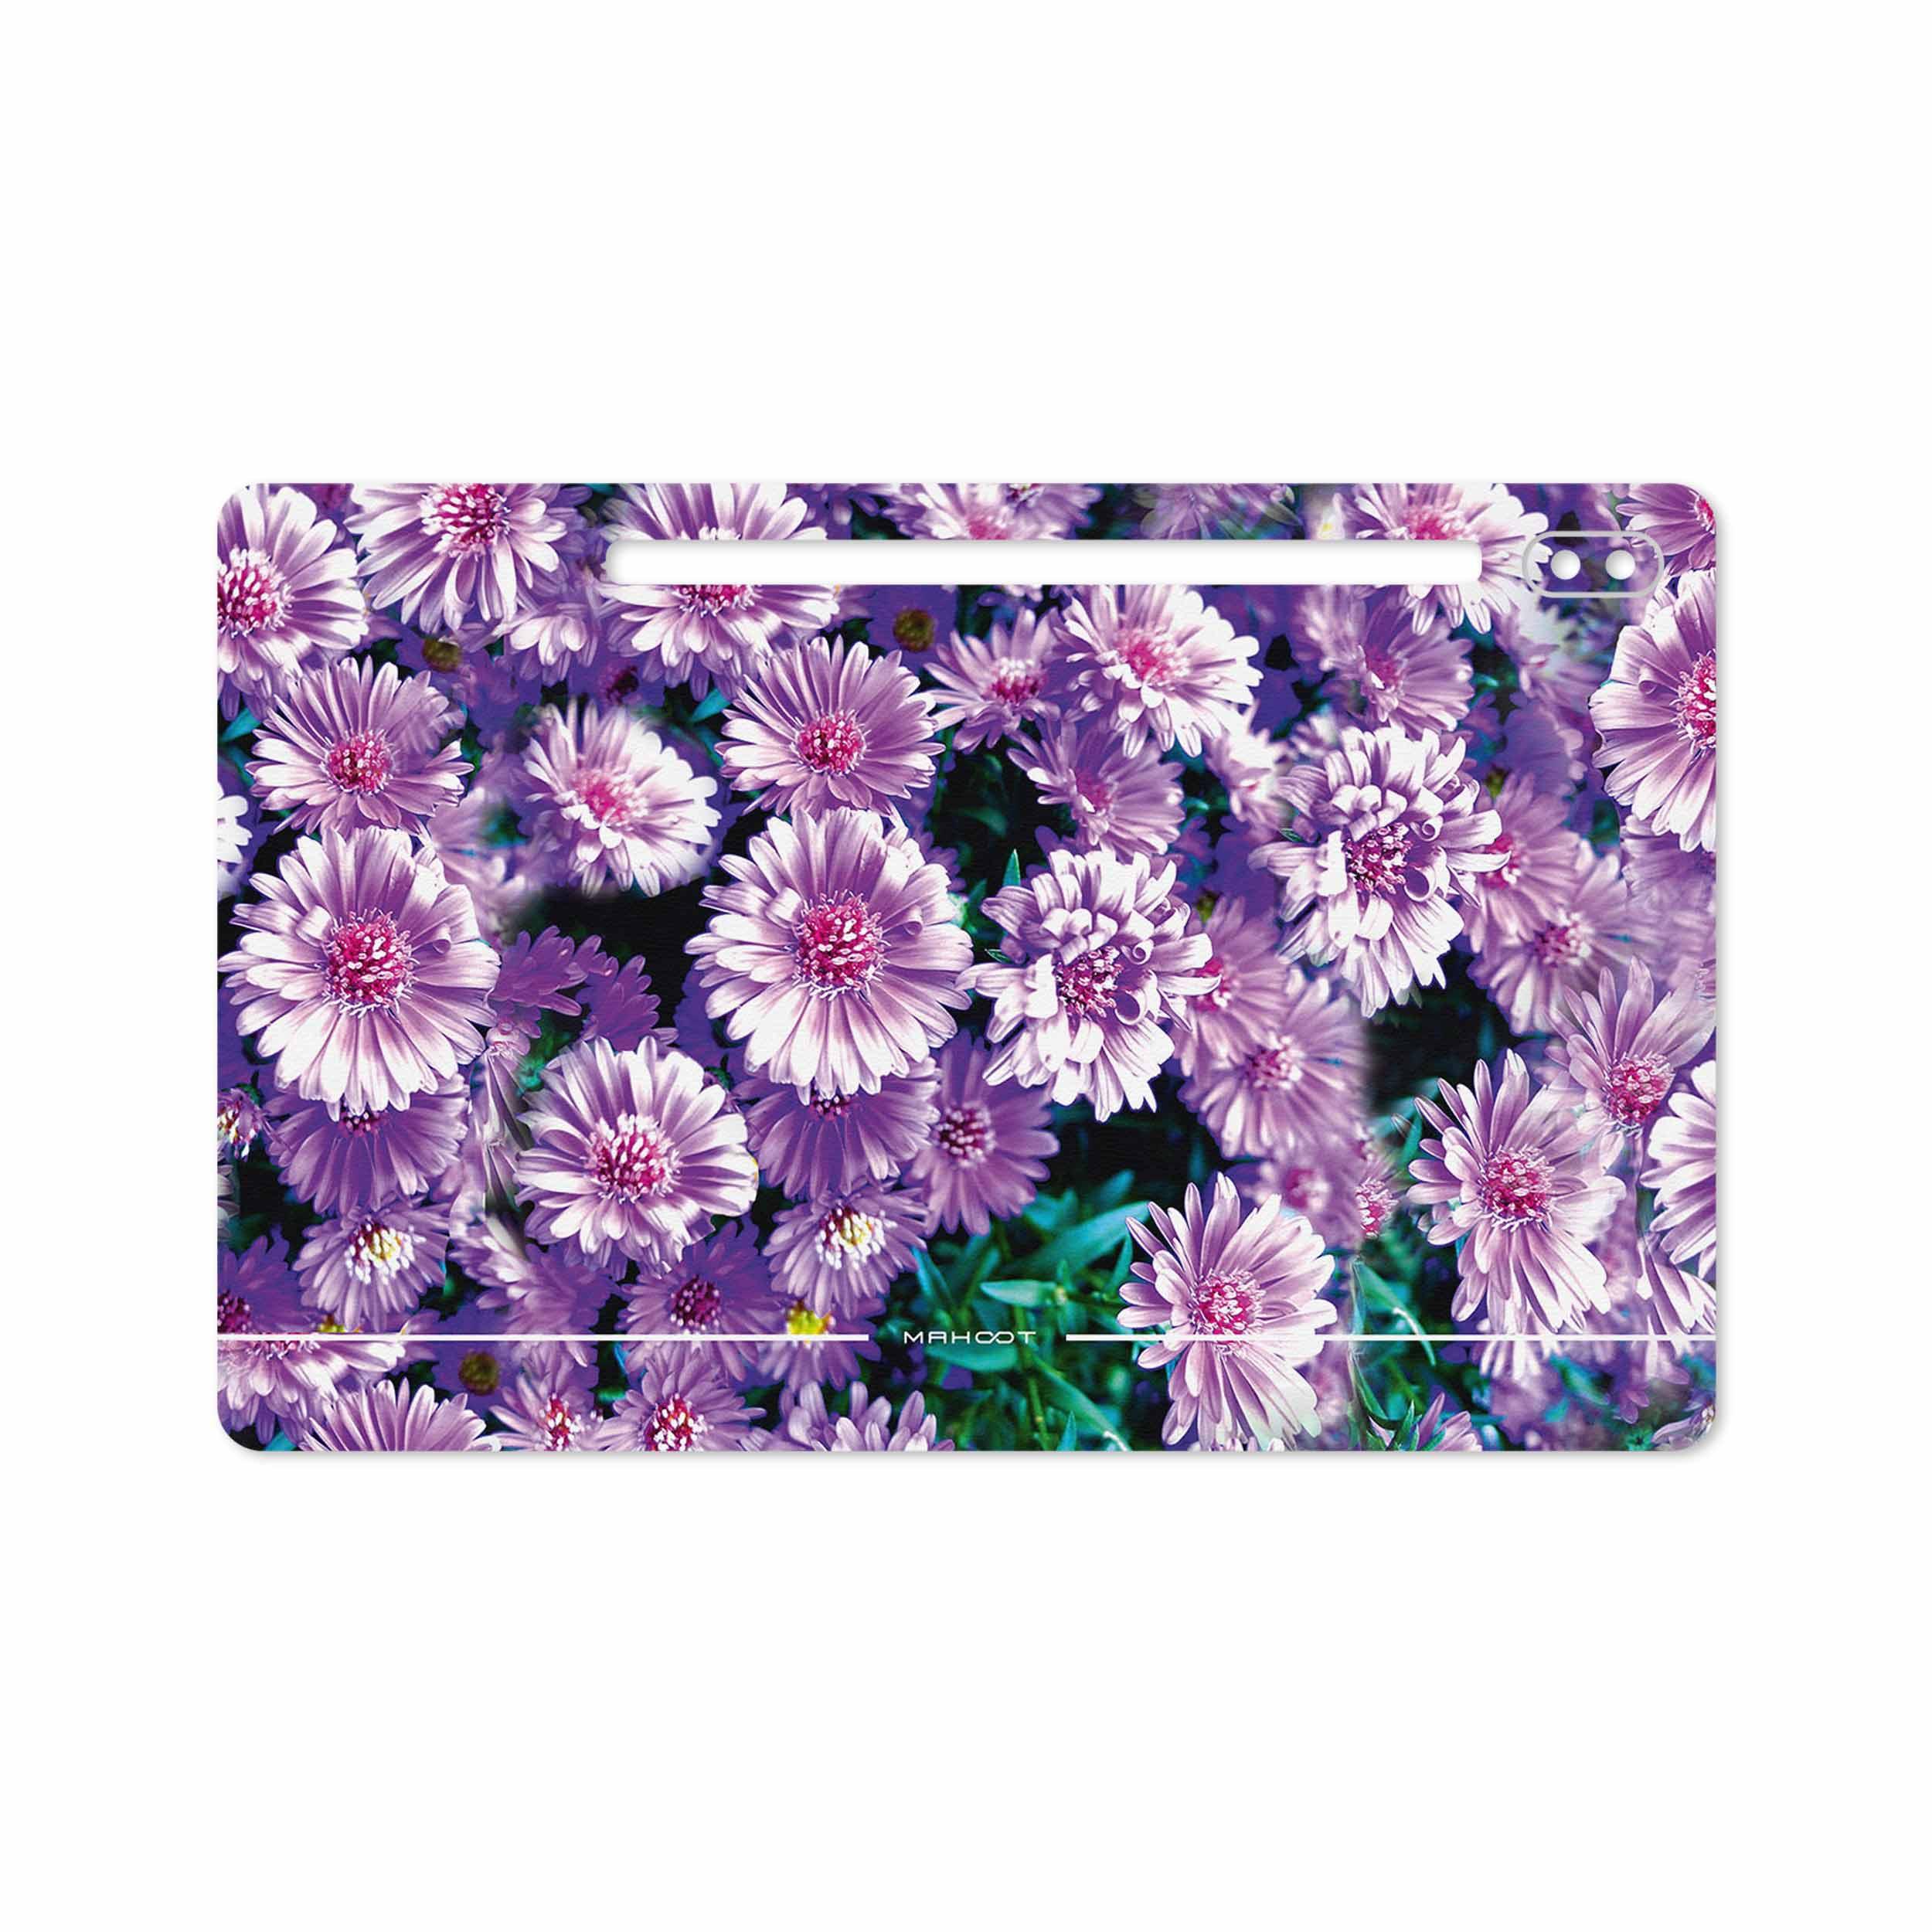 بررسی و خرید [با تخفیف]                                     برچسب پوششی ماهوت مدل Purple-Flower مناسب برای تبلت سامسونگ Galaxy Tab S6 2019 SM-T865                             اورجینال